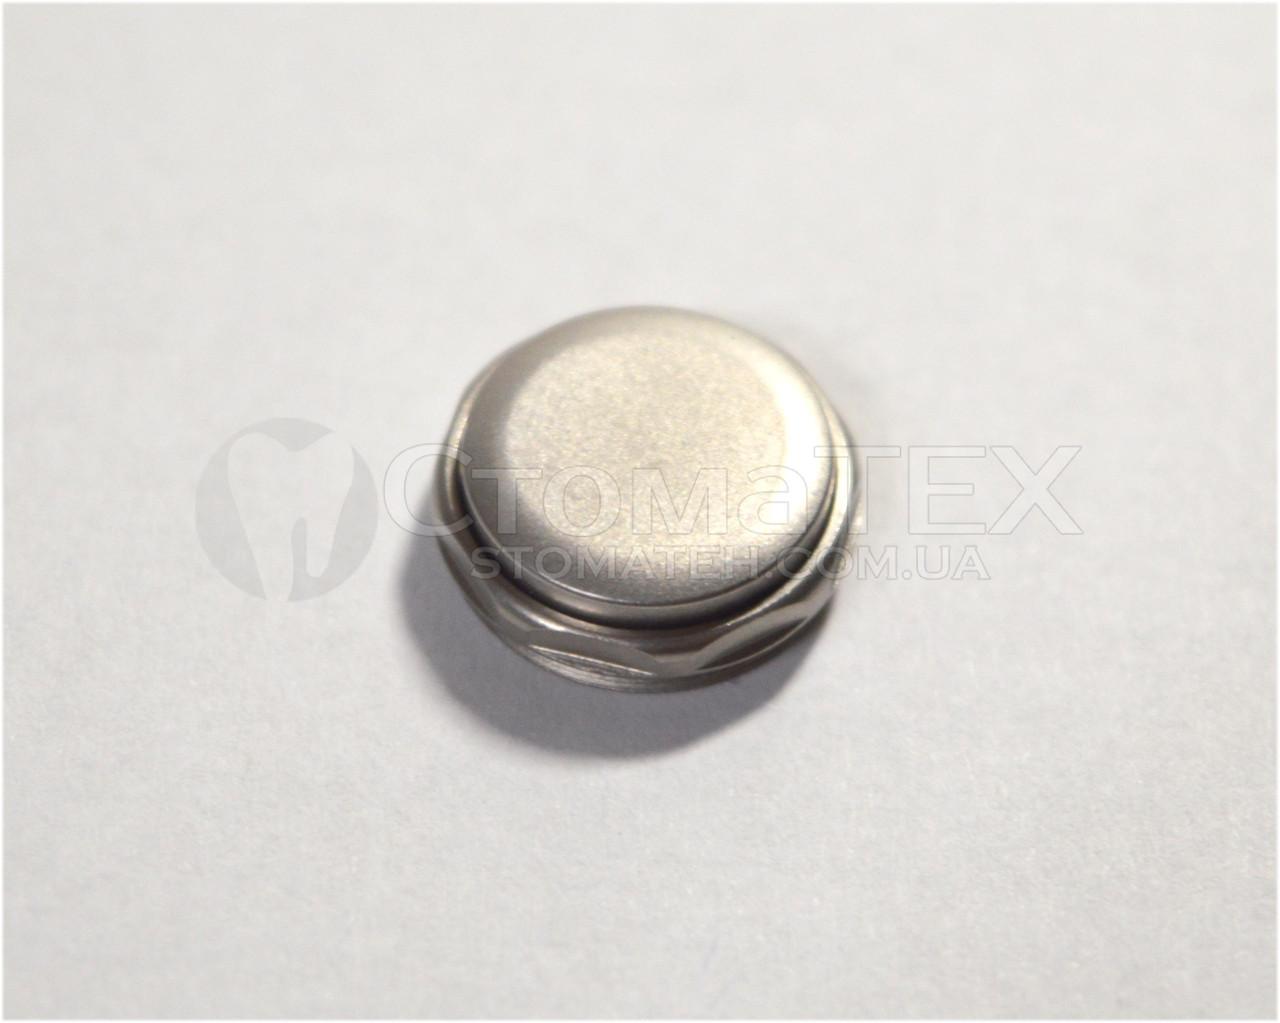 Кнопка для турбинного наконечника NSK Pana Max Plus ортопедическая головка